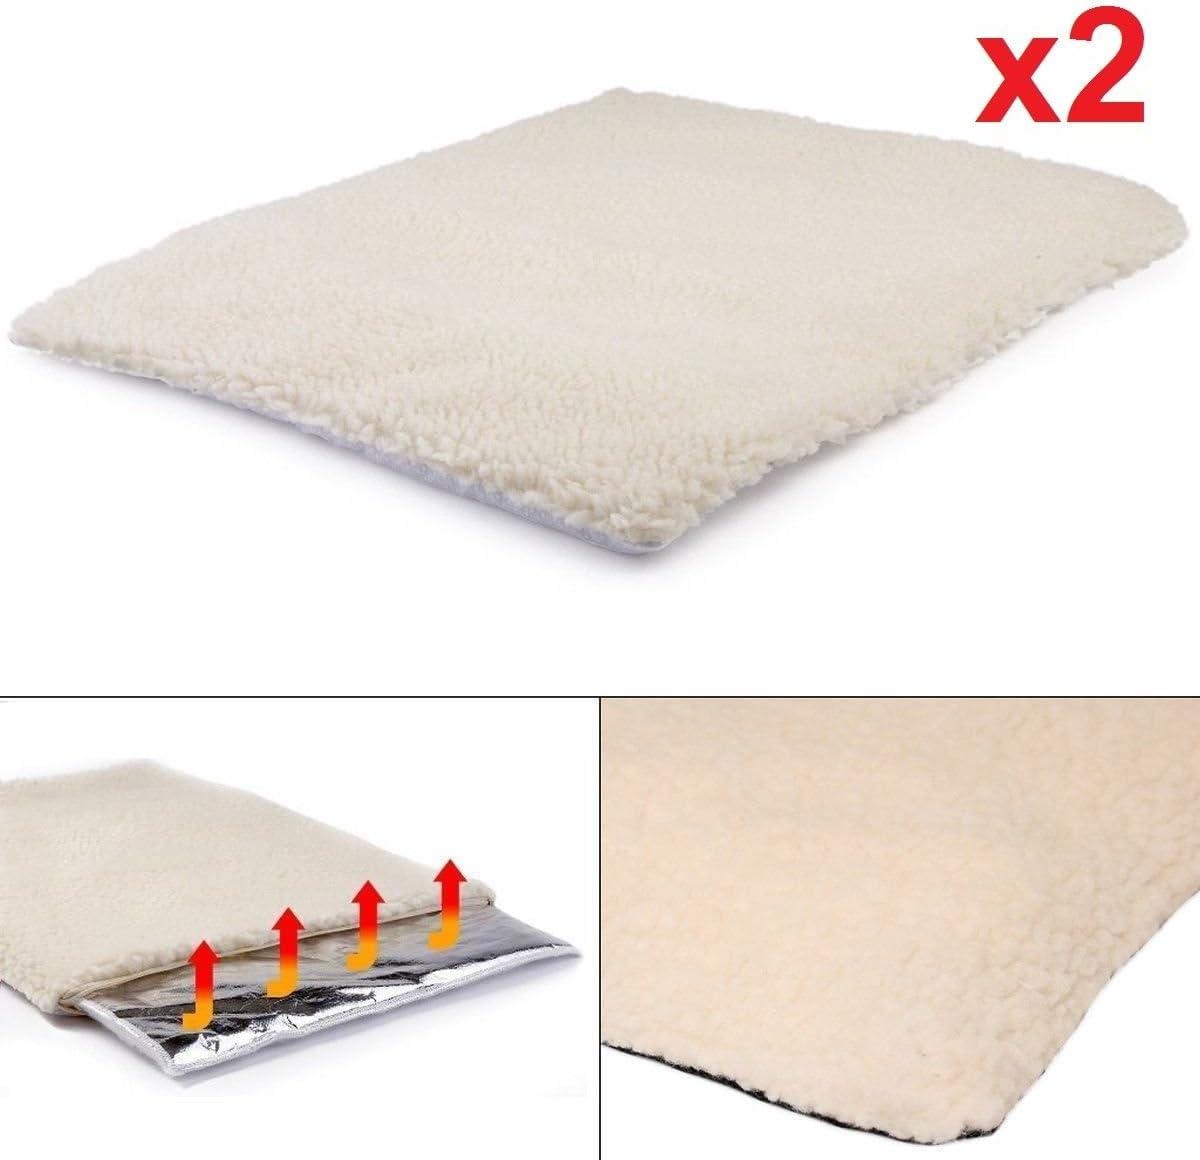 confezione da 2 DX9TM supporto per cane o gatto di media taglia coperta a cuscinetto auto riscaldante per animali domestici